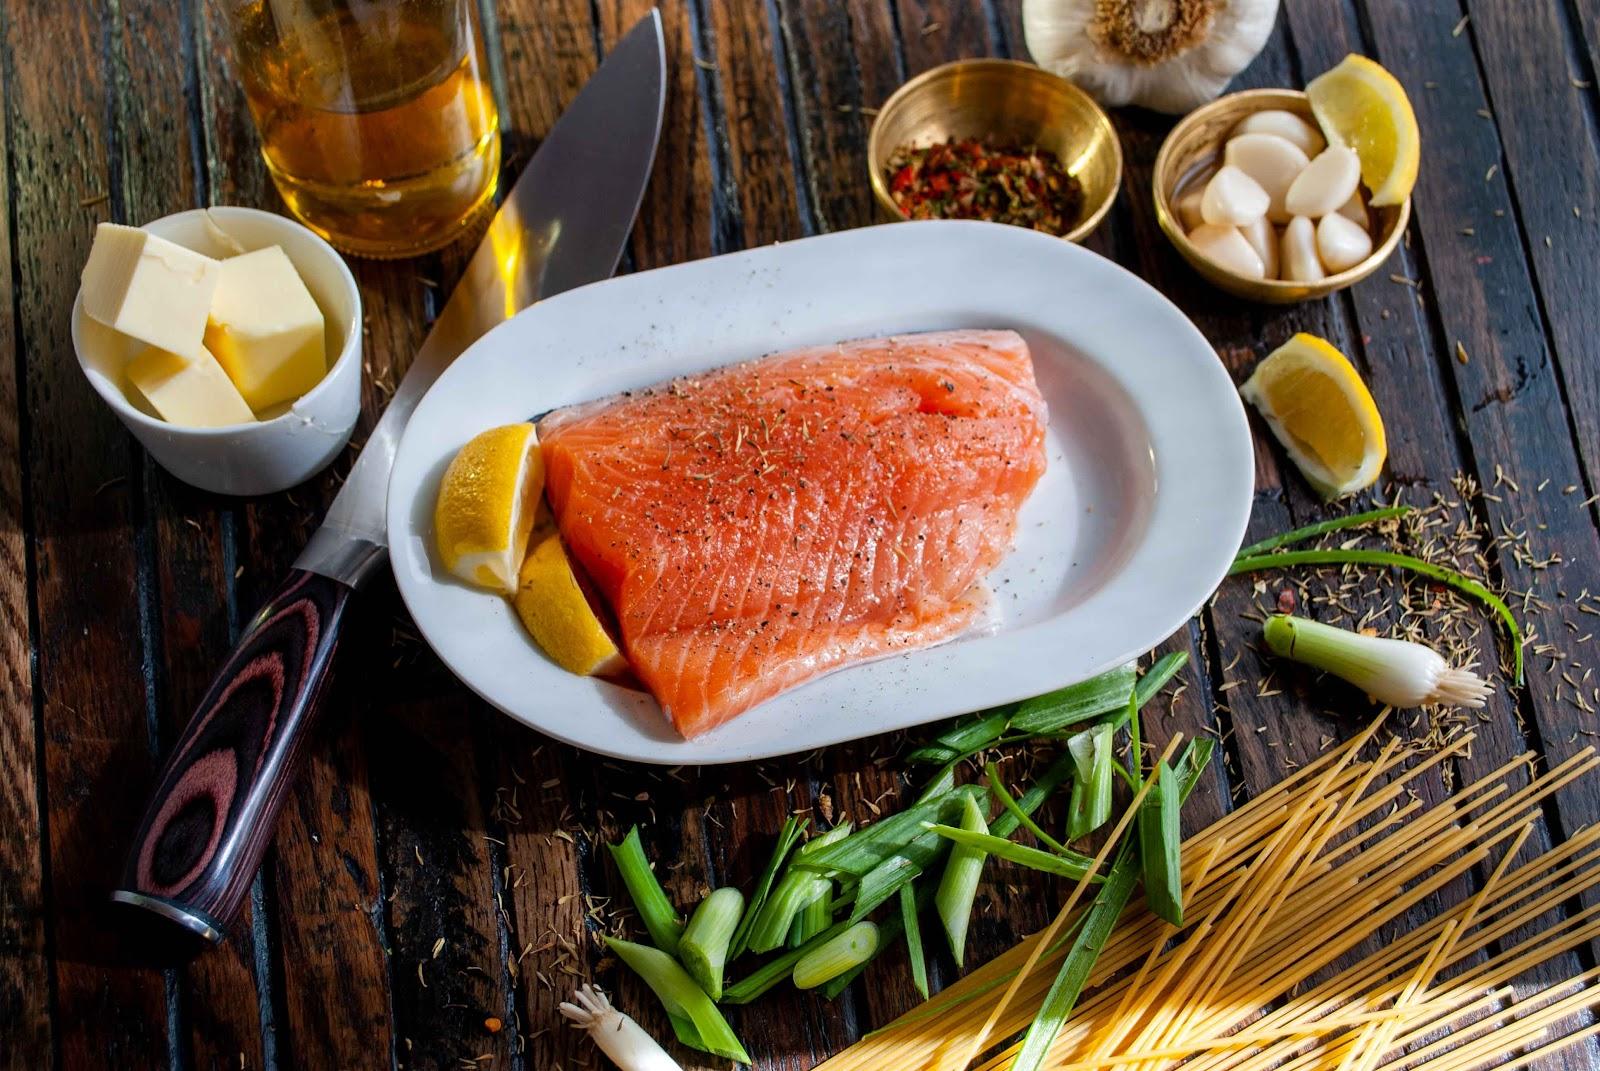 Mediterranean Style Dinner - Salmon